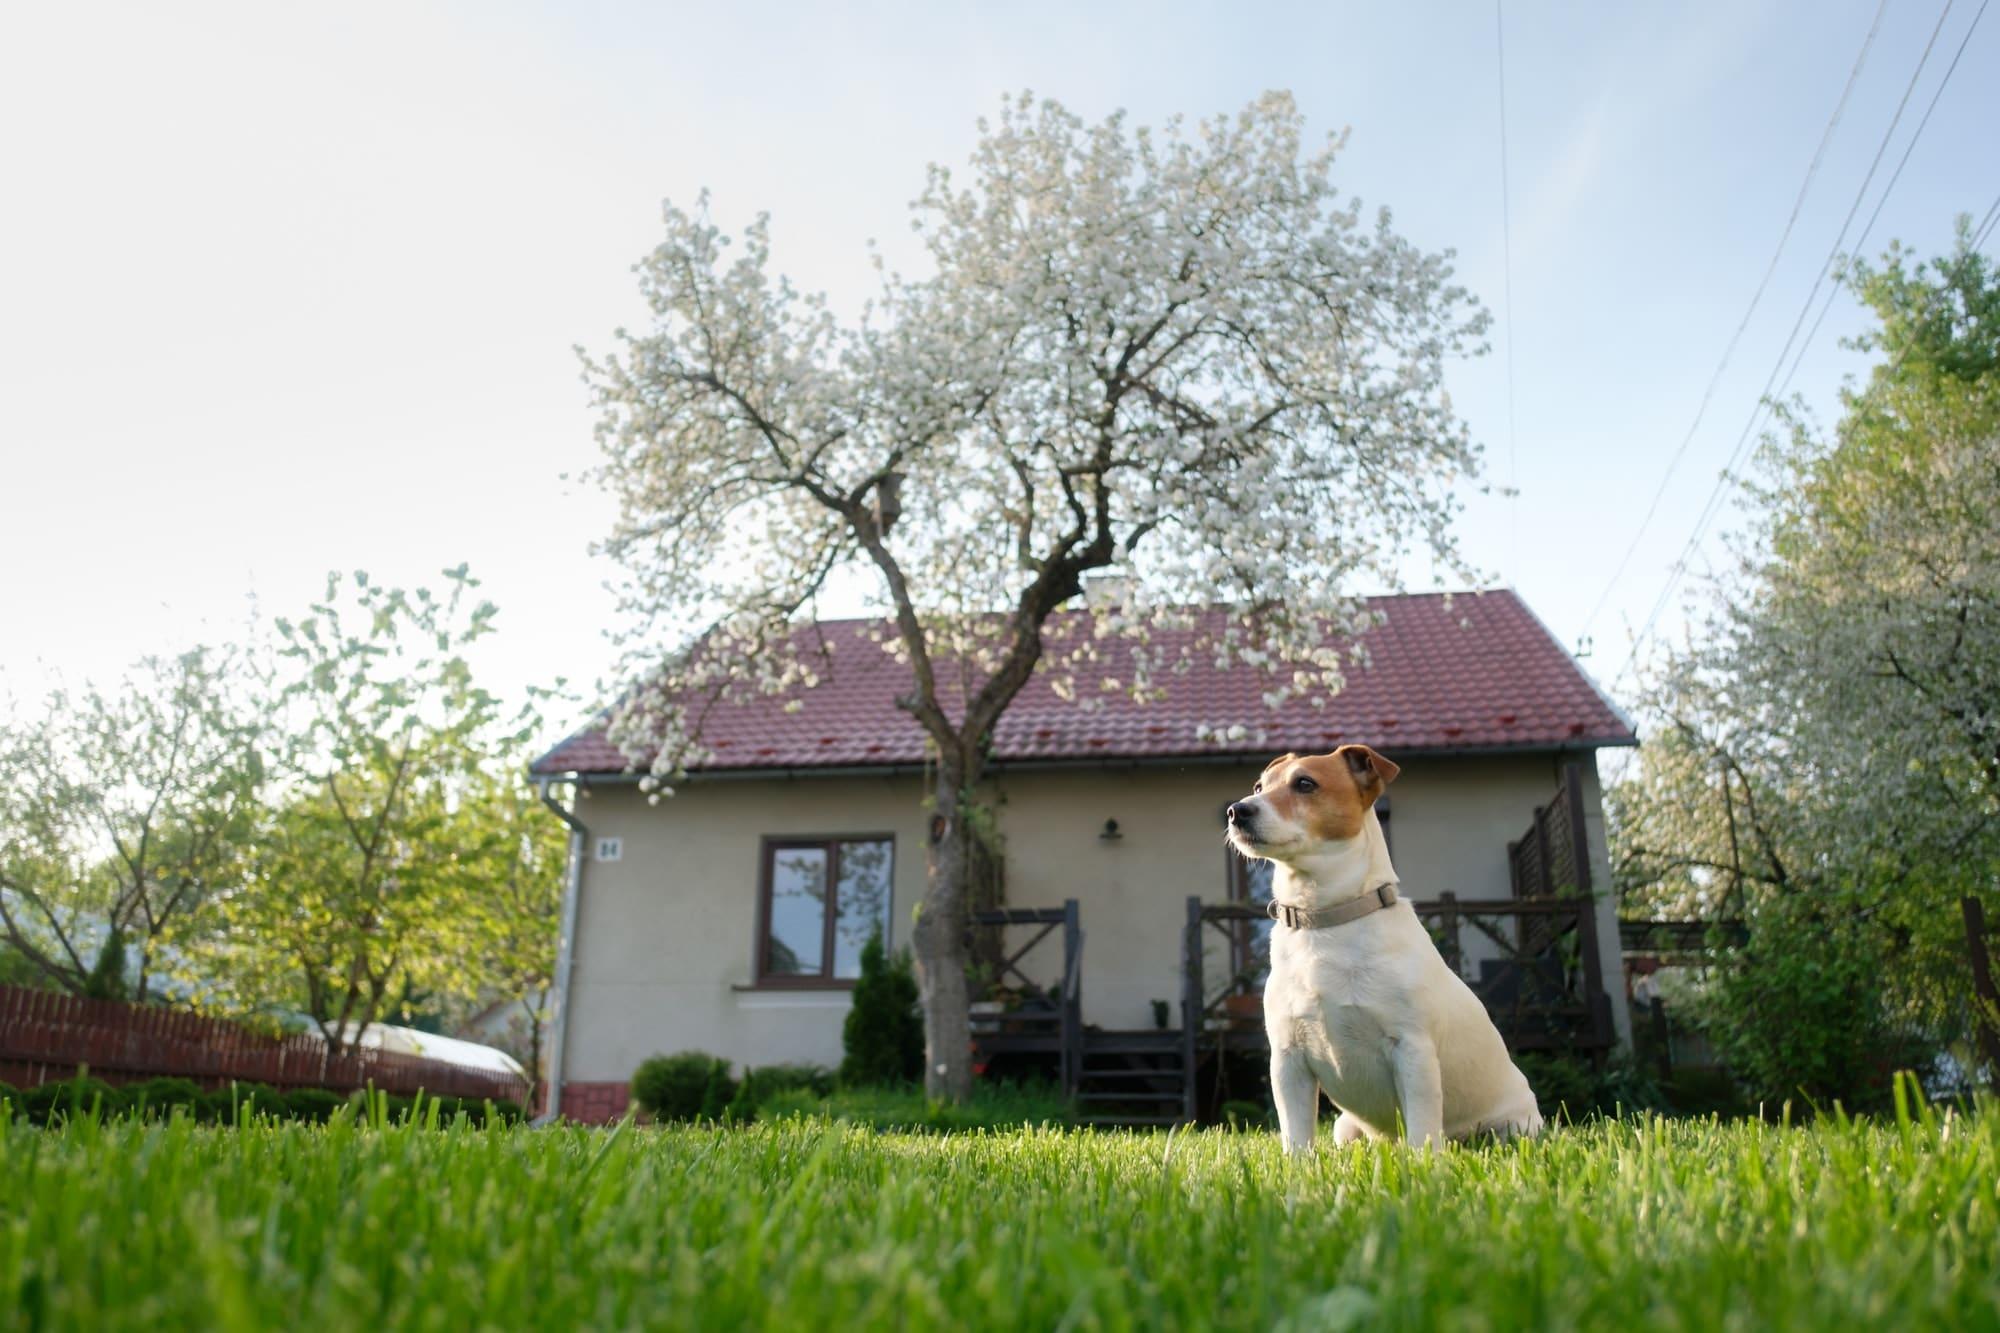 Laisser seul son chien à la maison